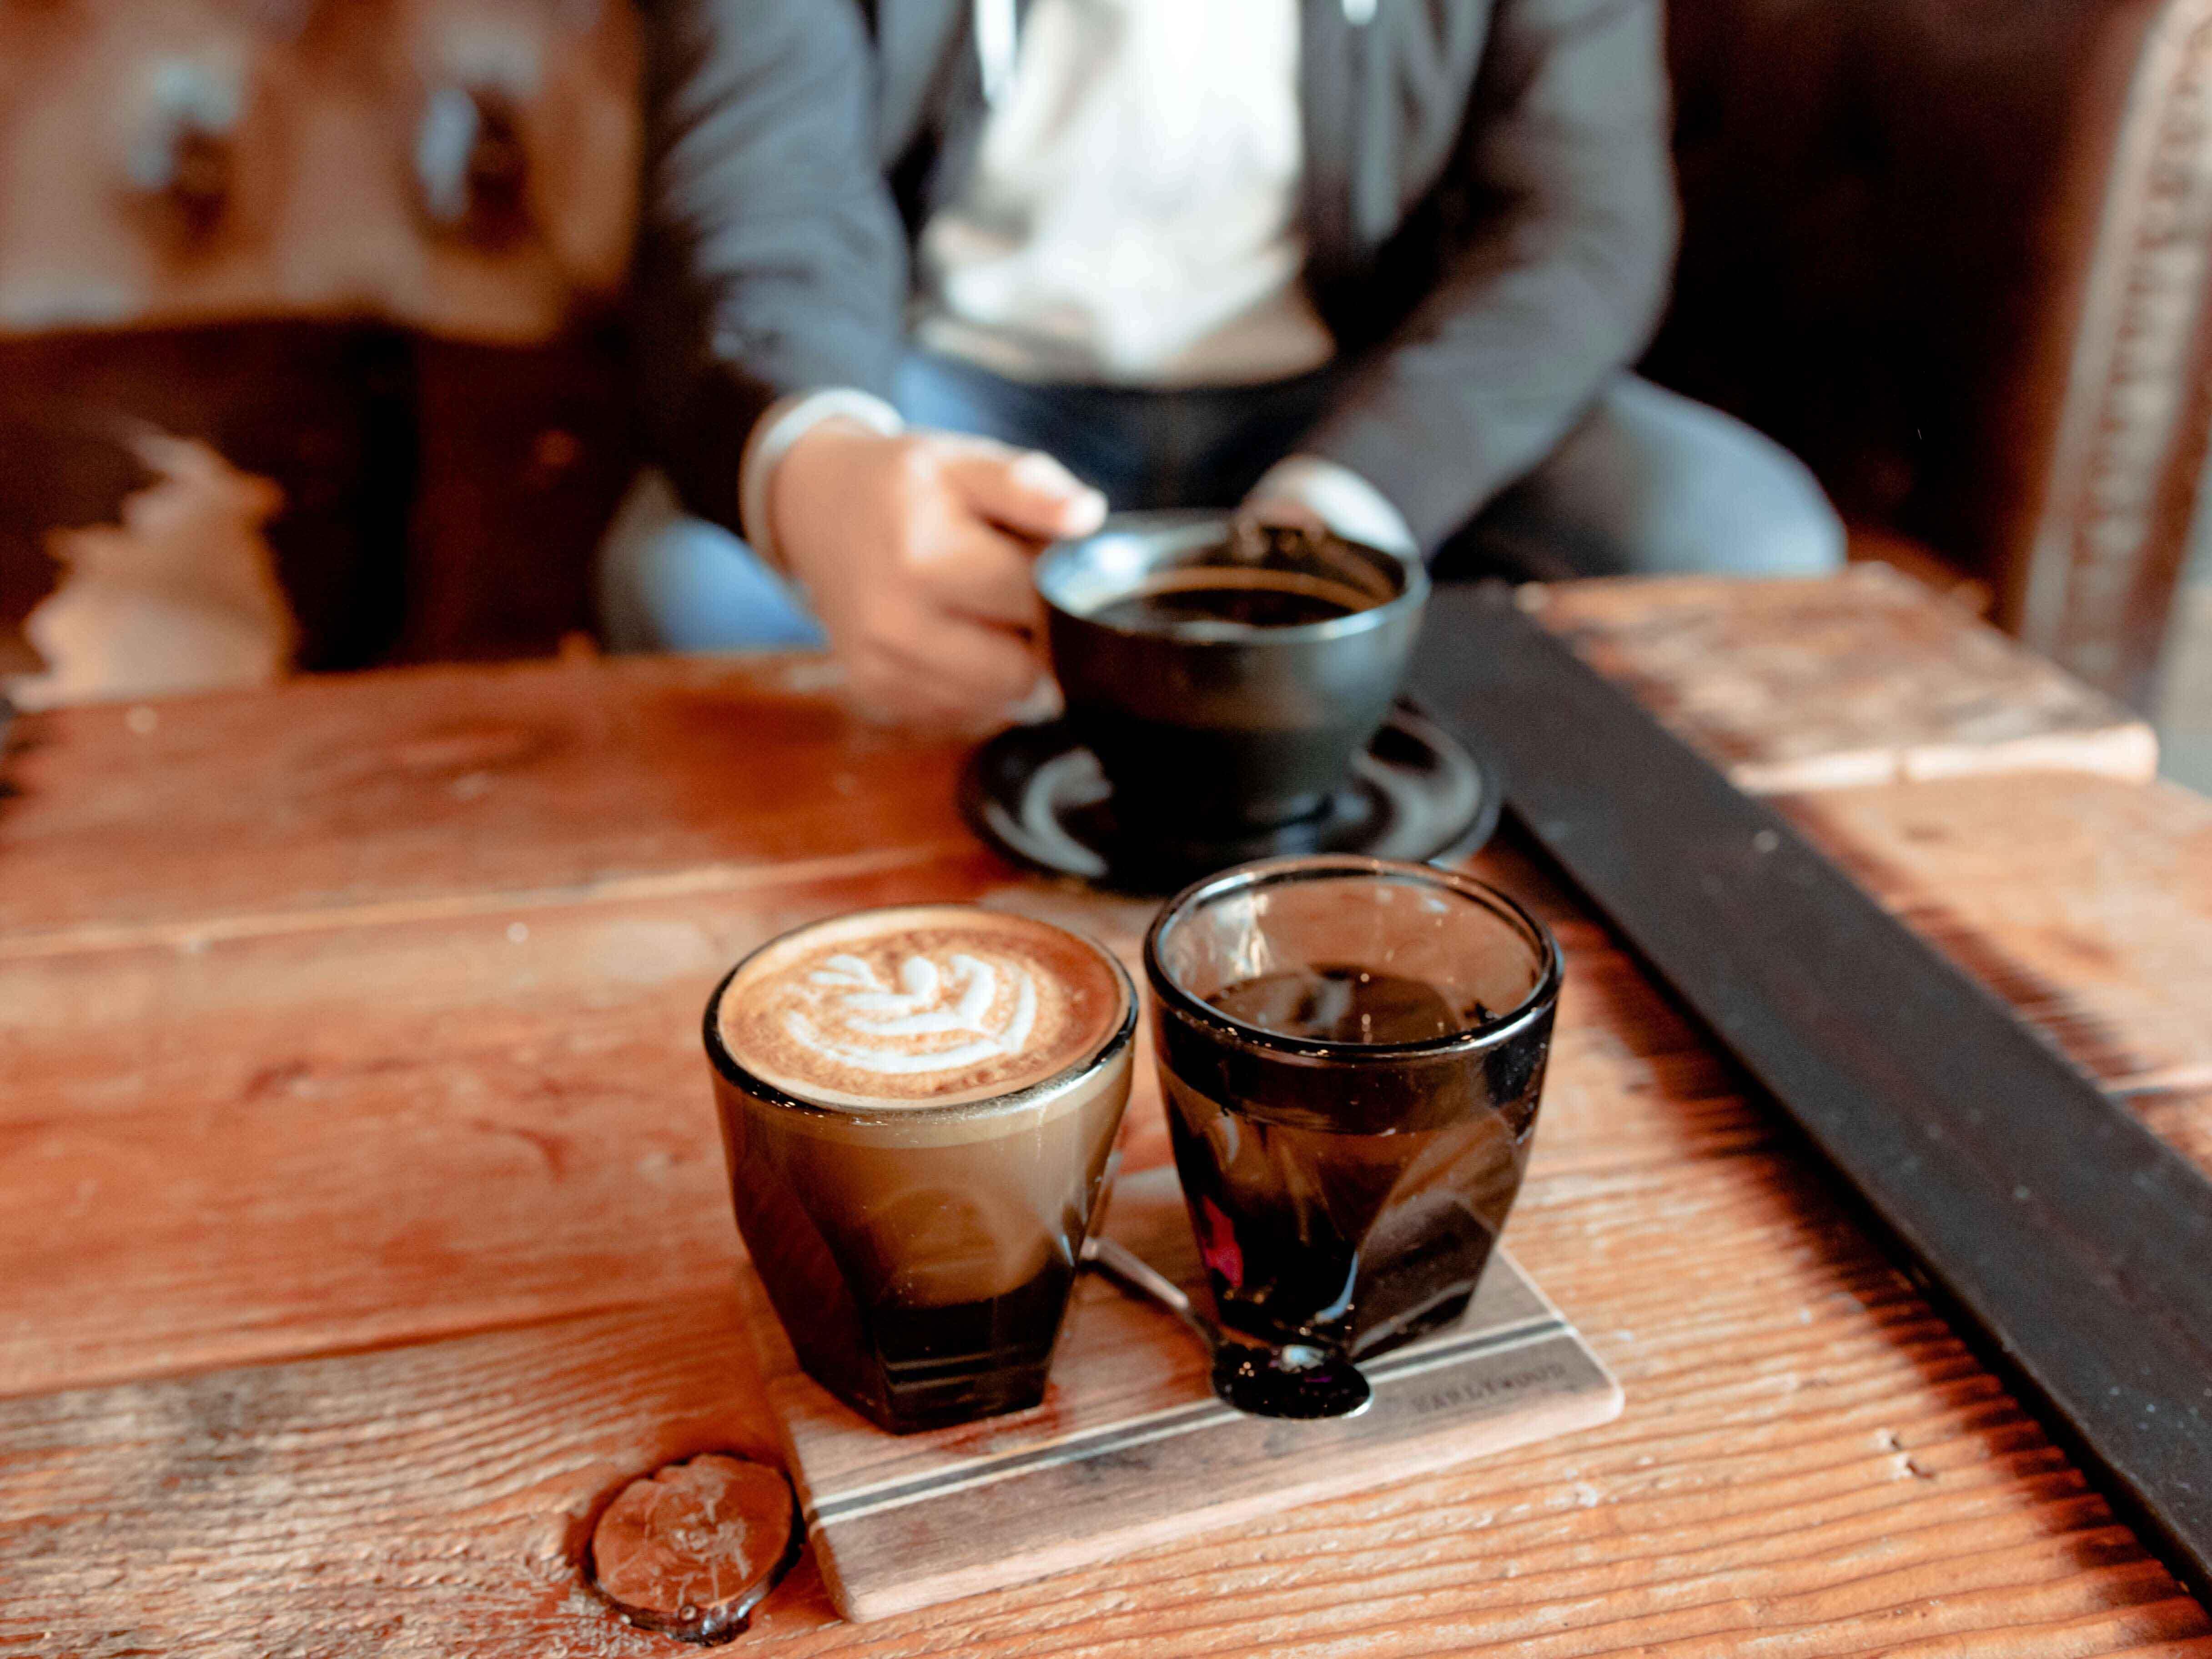 CaffeConGliAmici